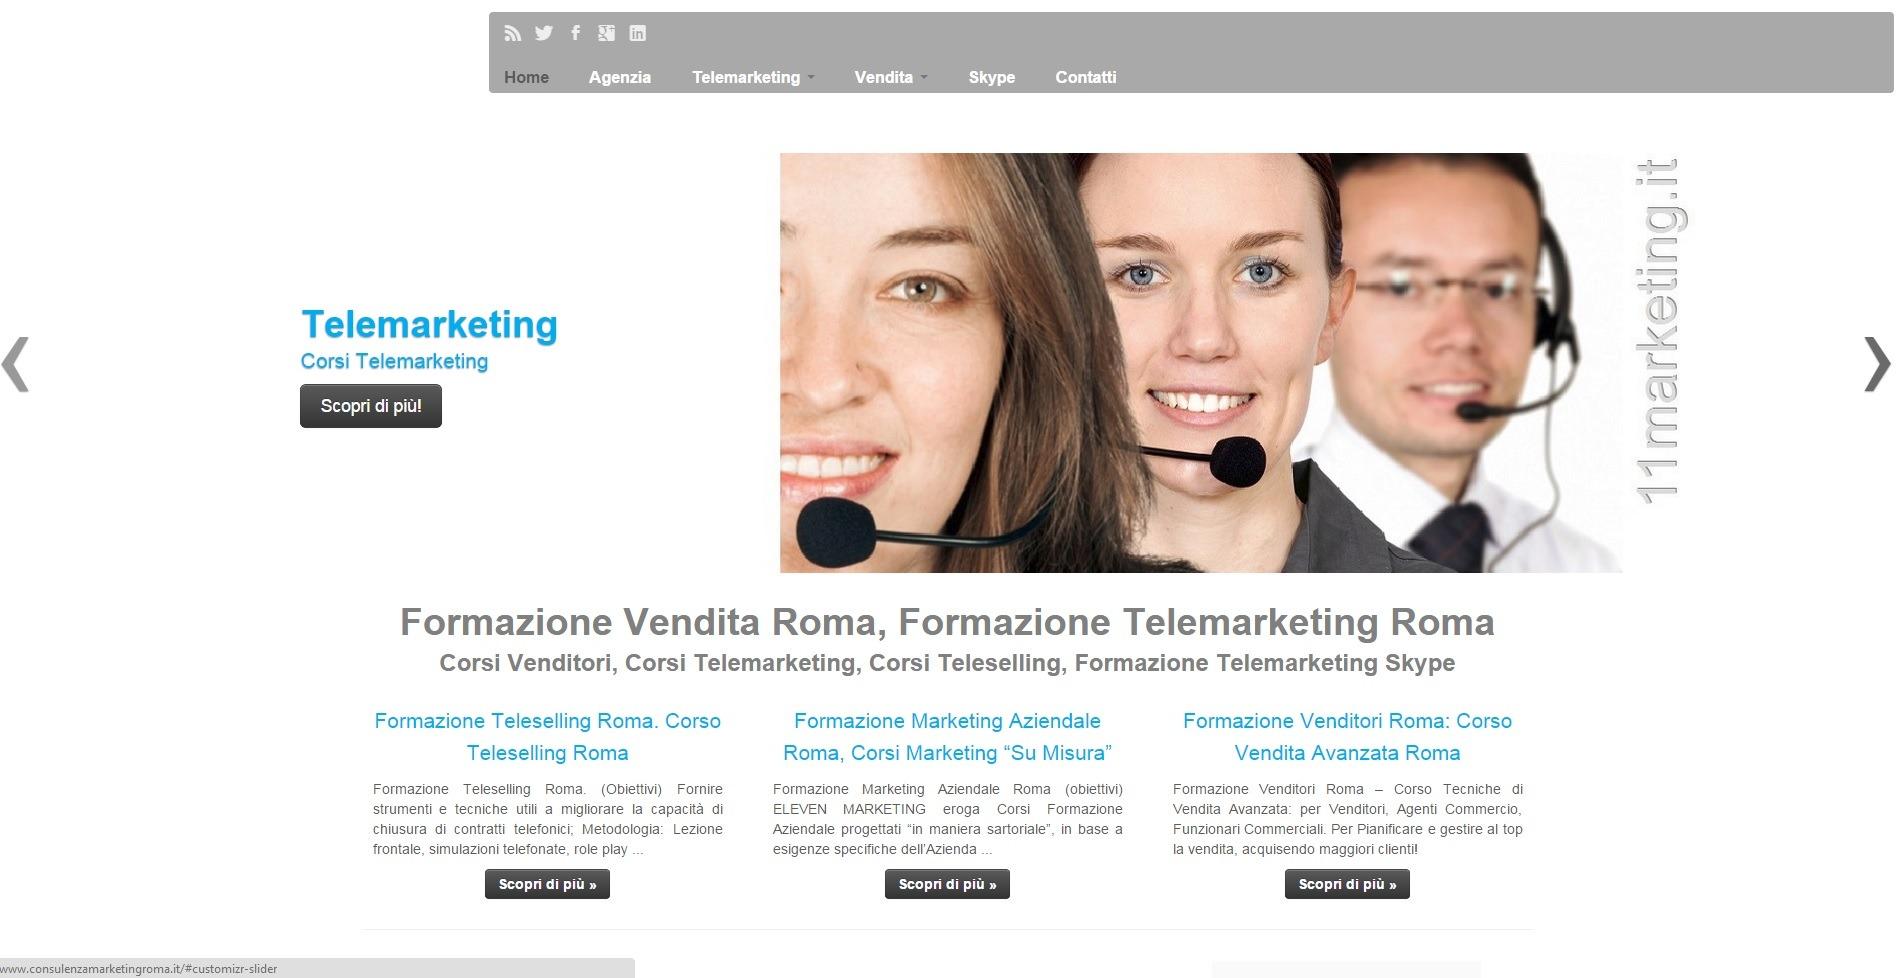 realizzazione-posizionamento-siti-formazione-telemarketing